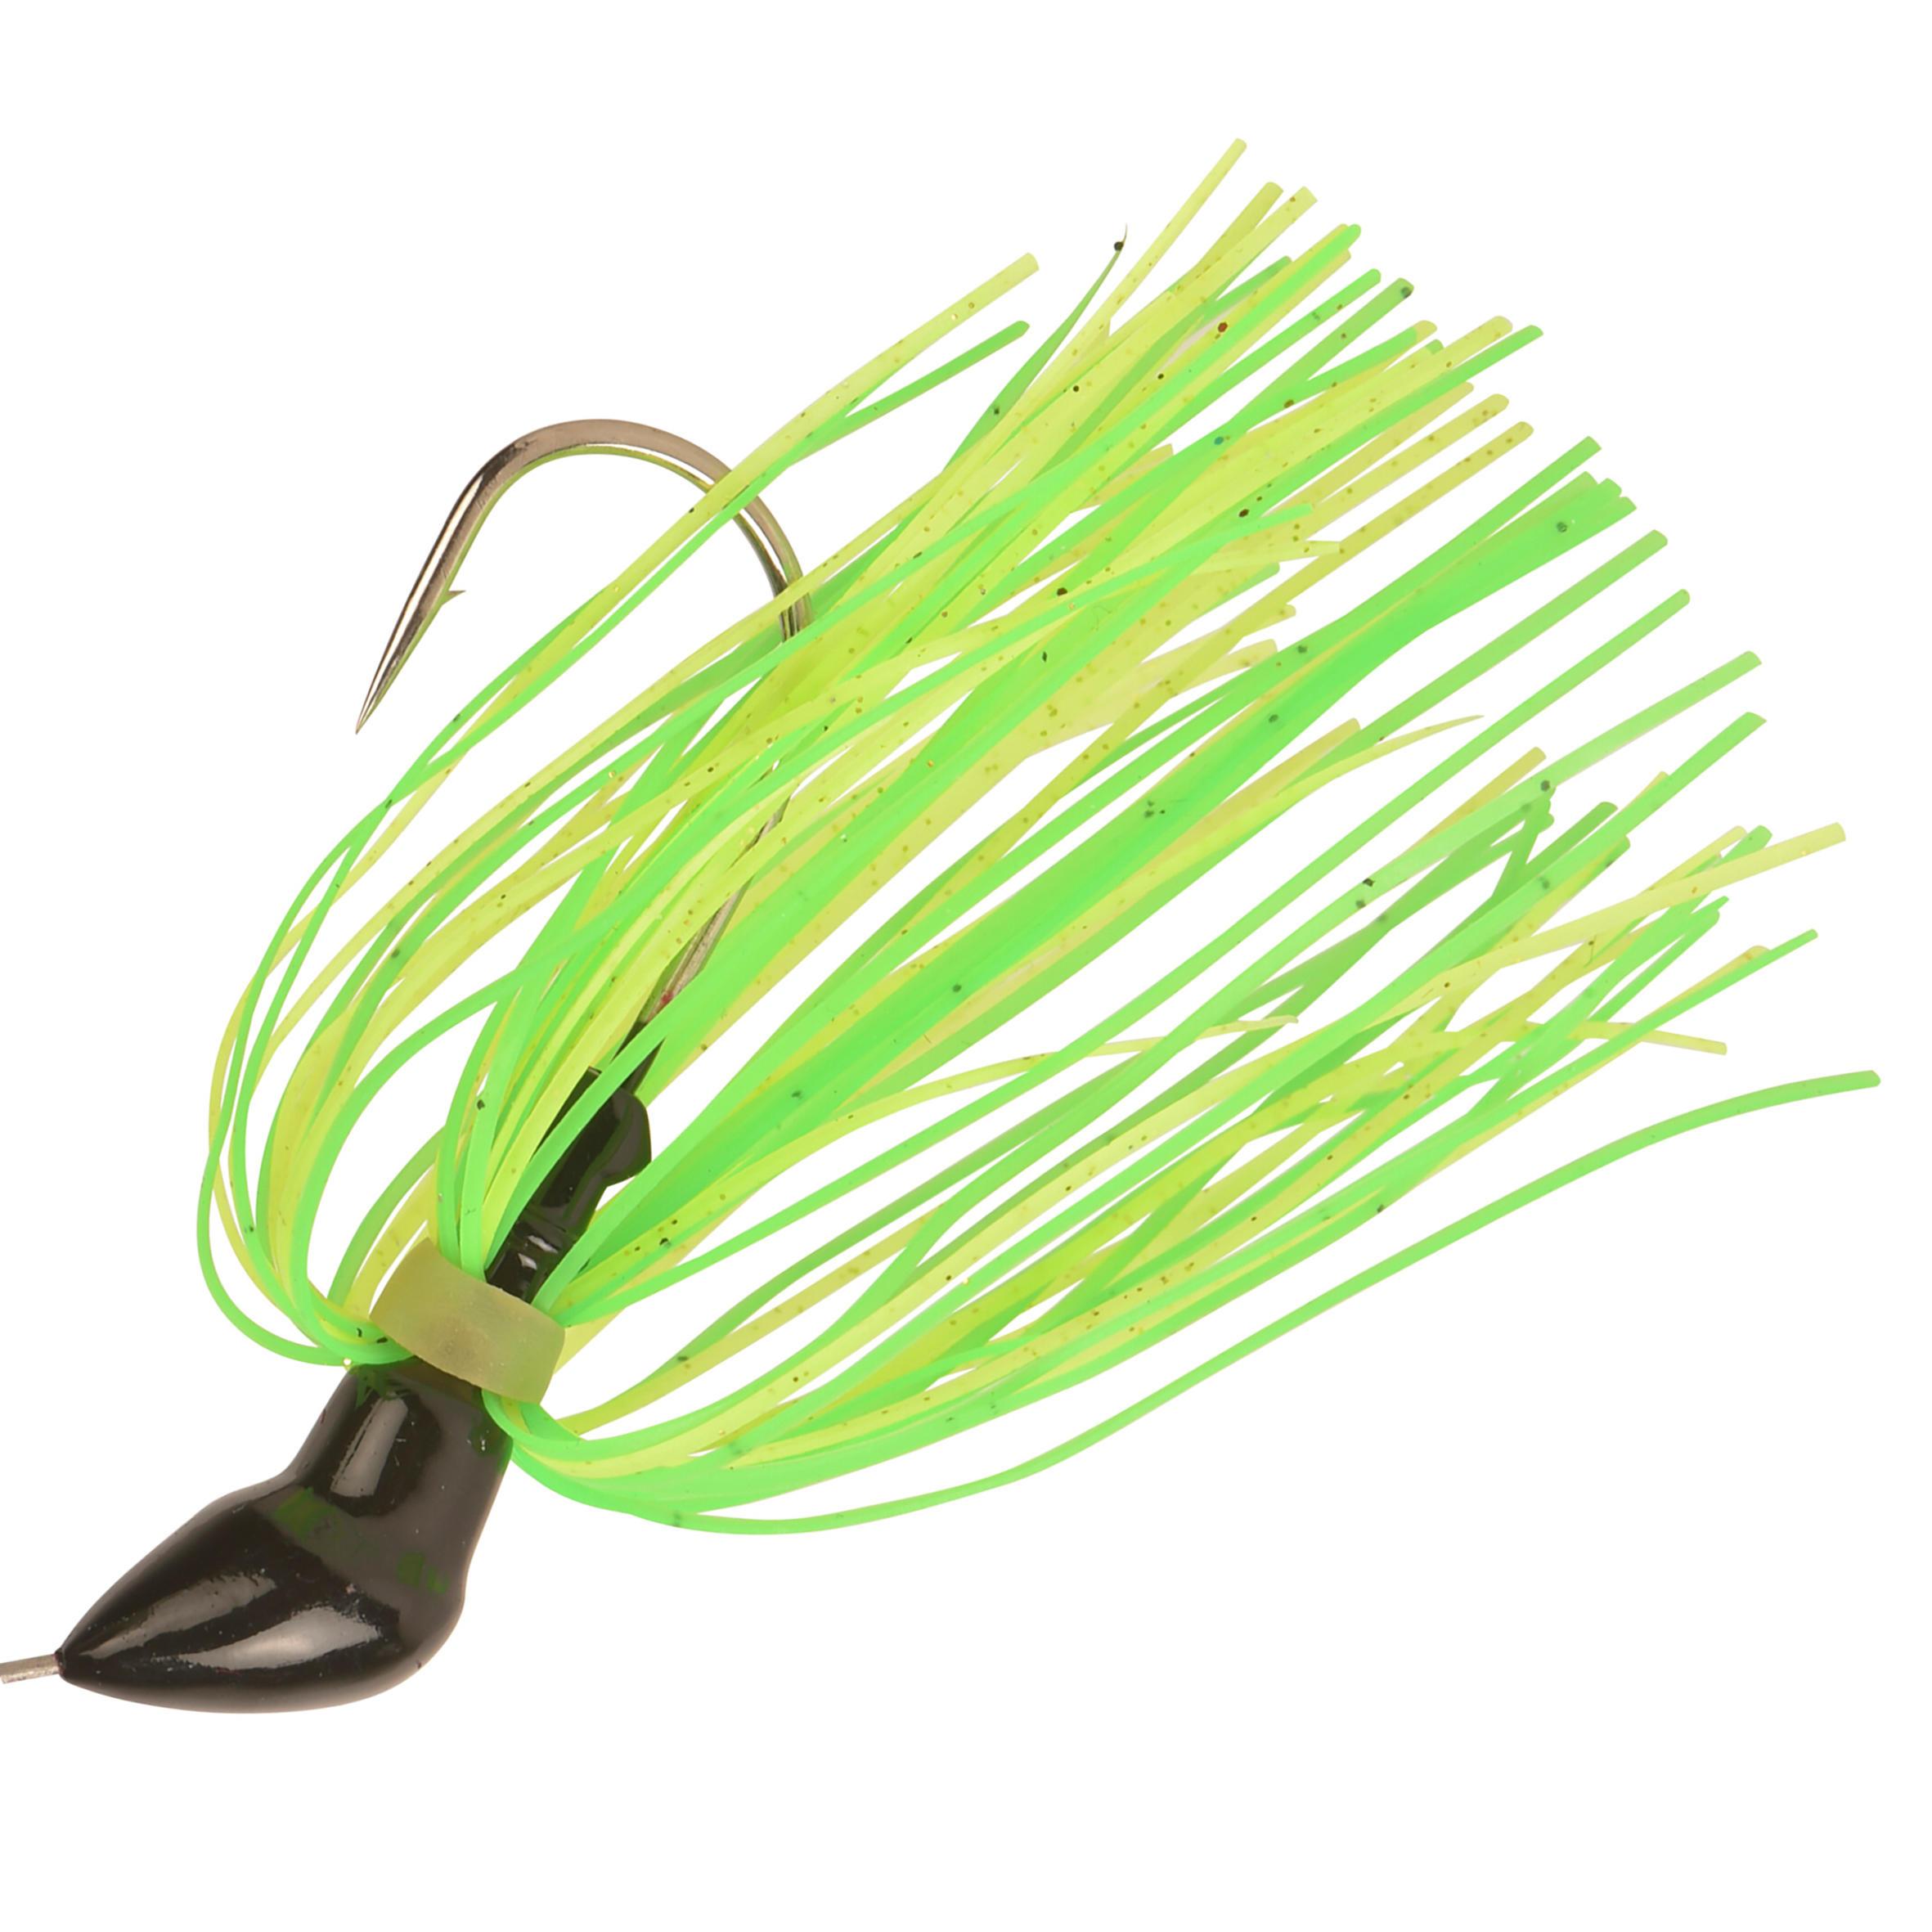 Cuillère tournante en épingle pêche aux leurres Buckhan 3/8 oz jaune/vert